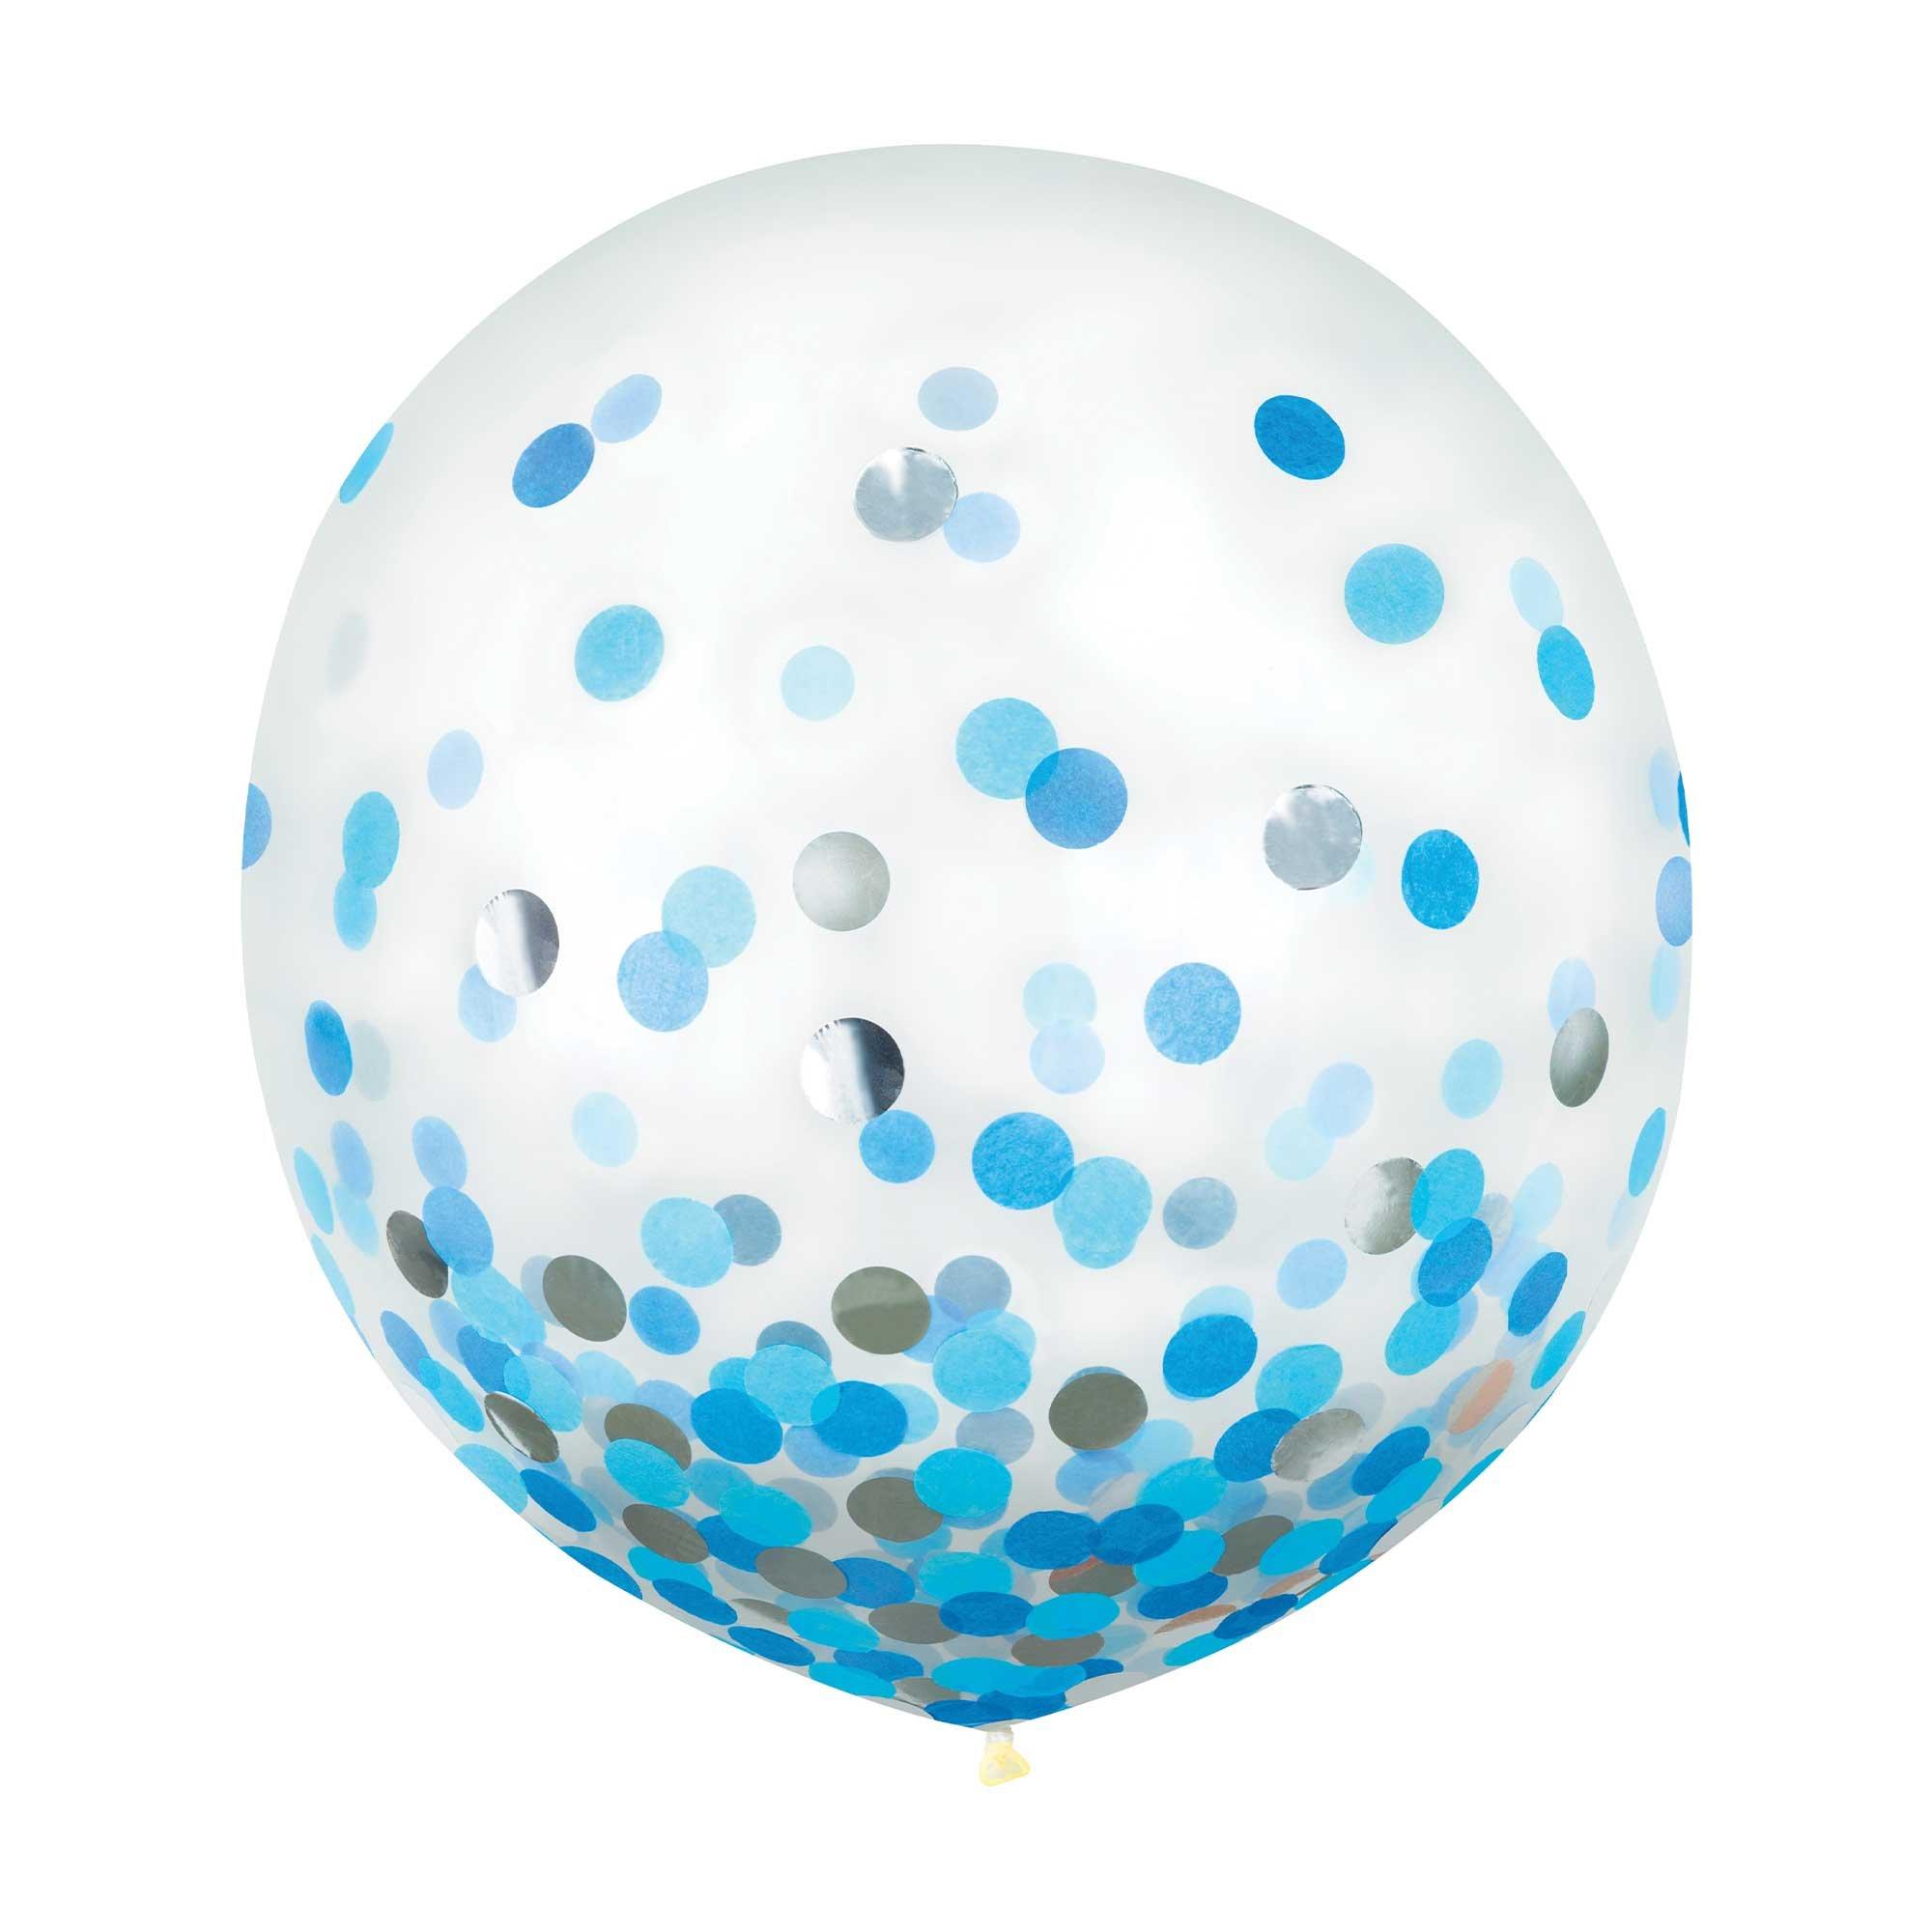 Latex Balloons 60cm & Confetti Multi-Coloured